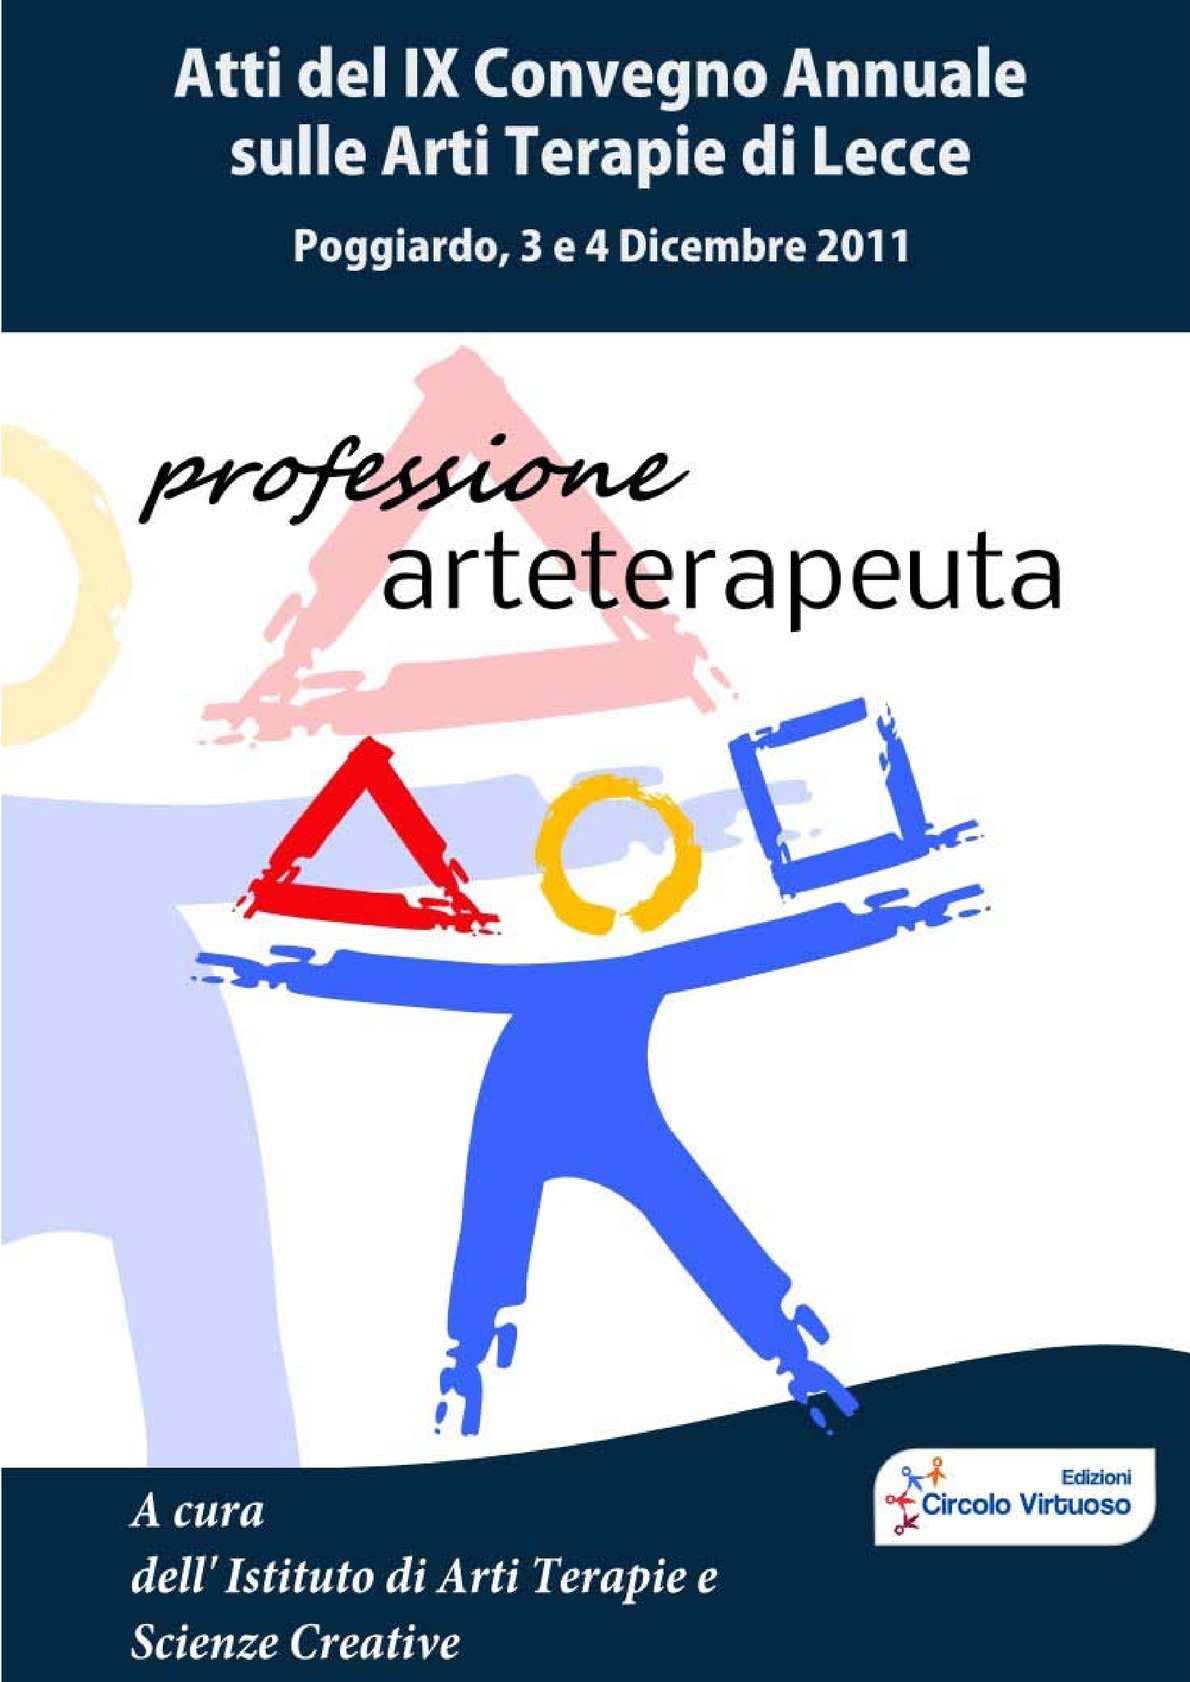 Atti del IX Convegno Annuale sulle Arti Terapie di Lecce